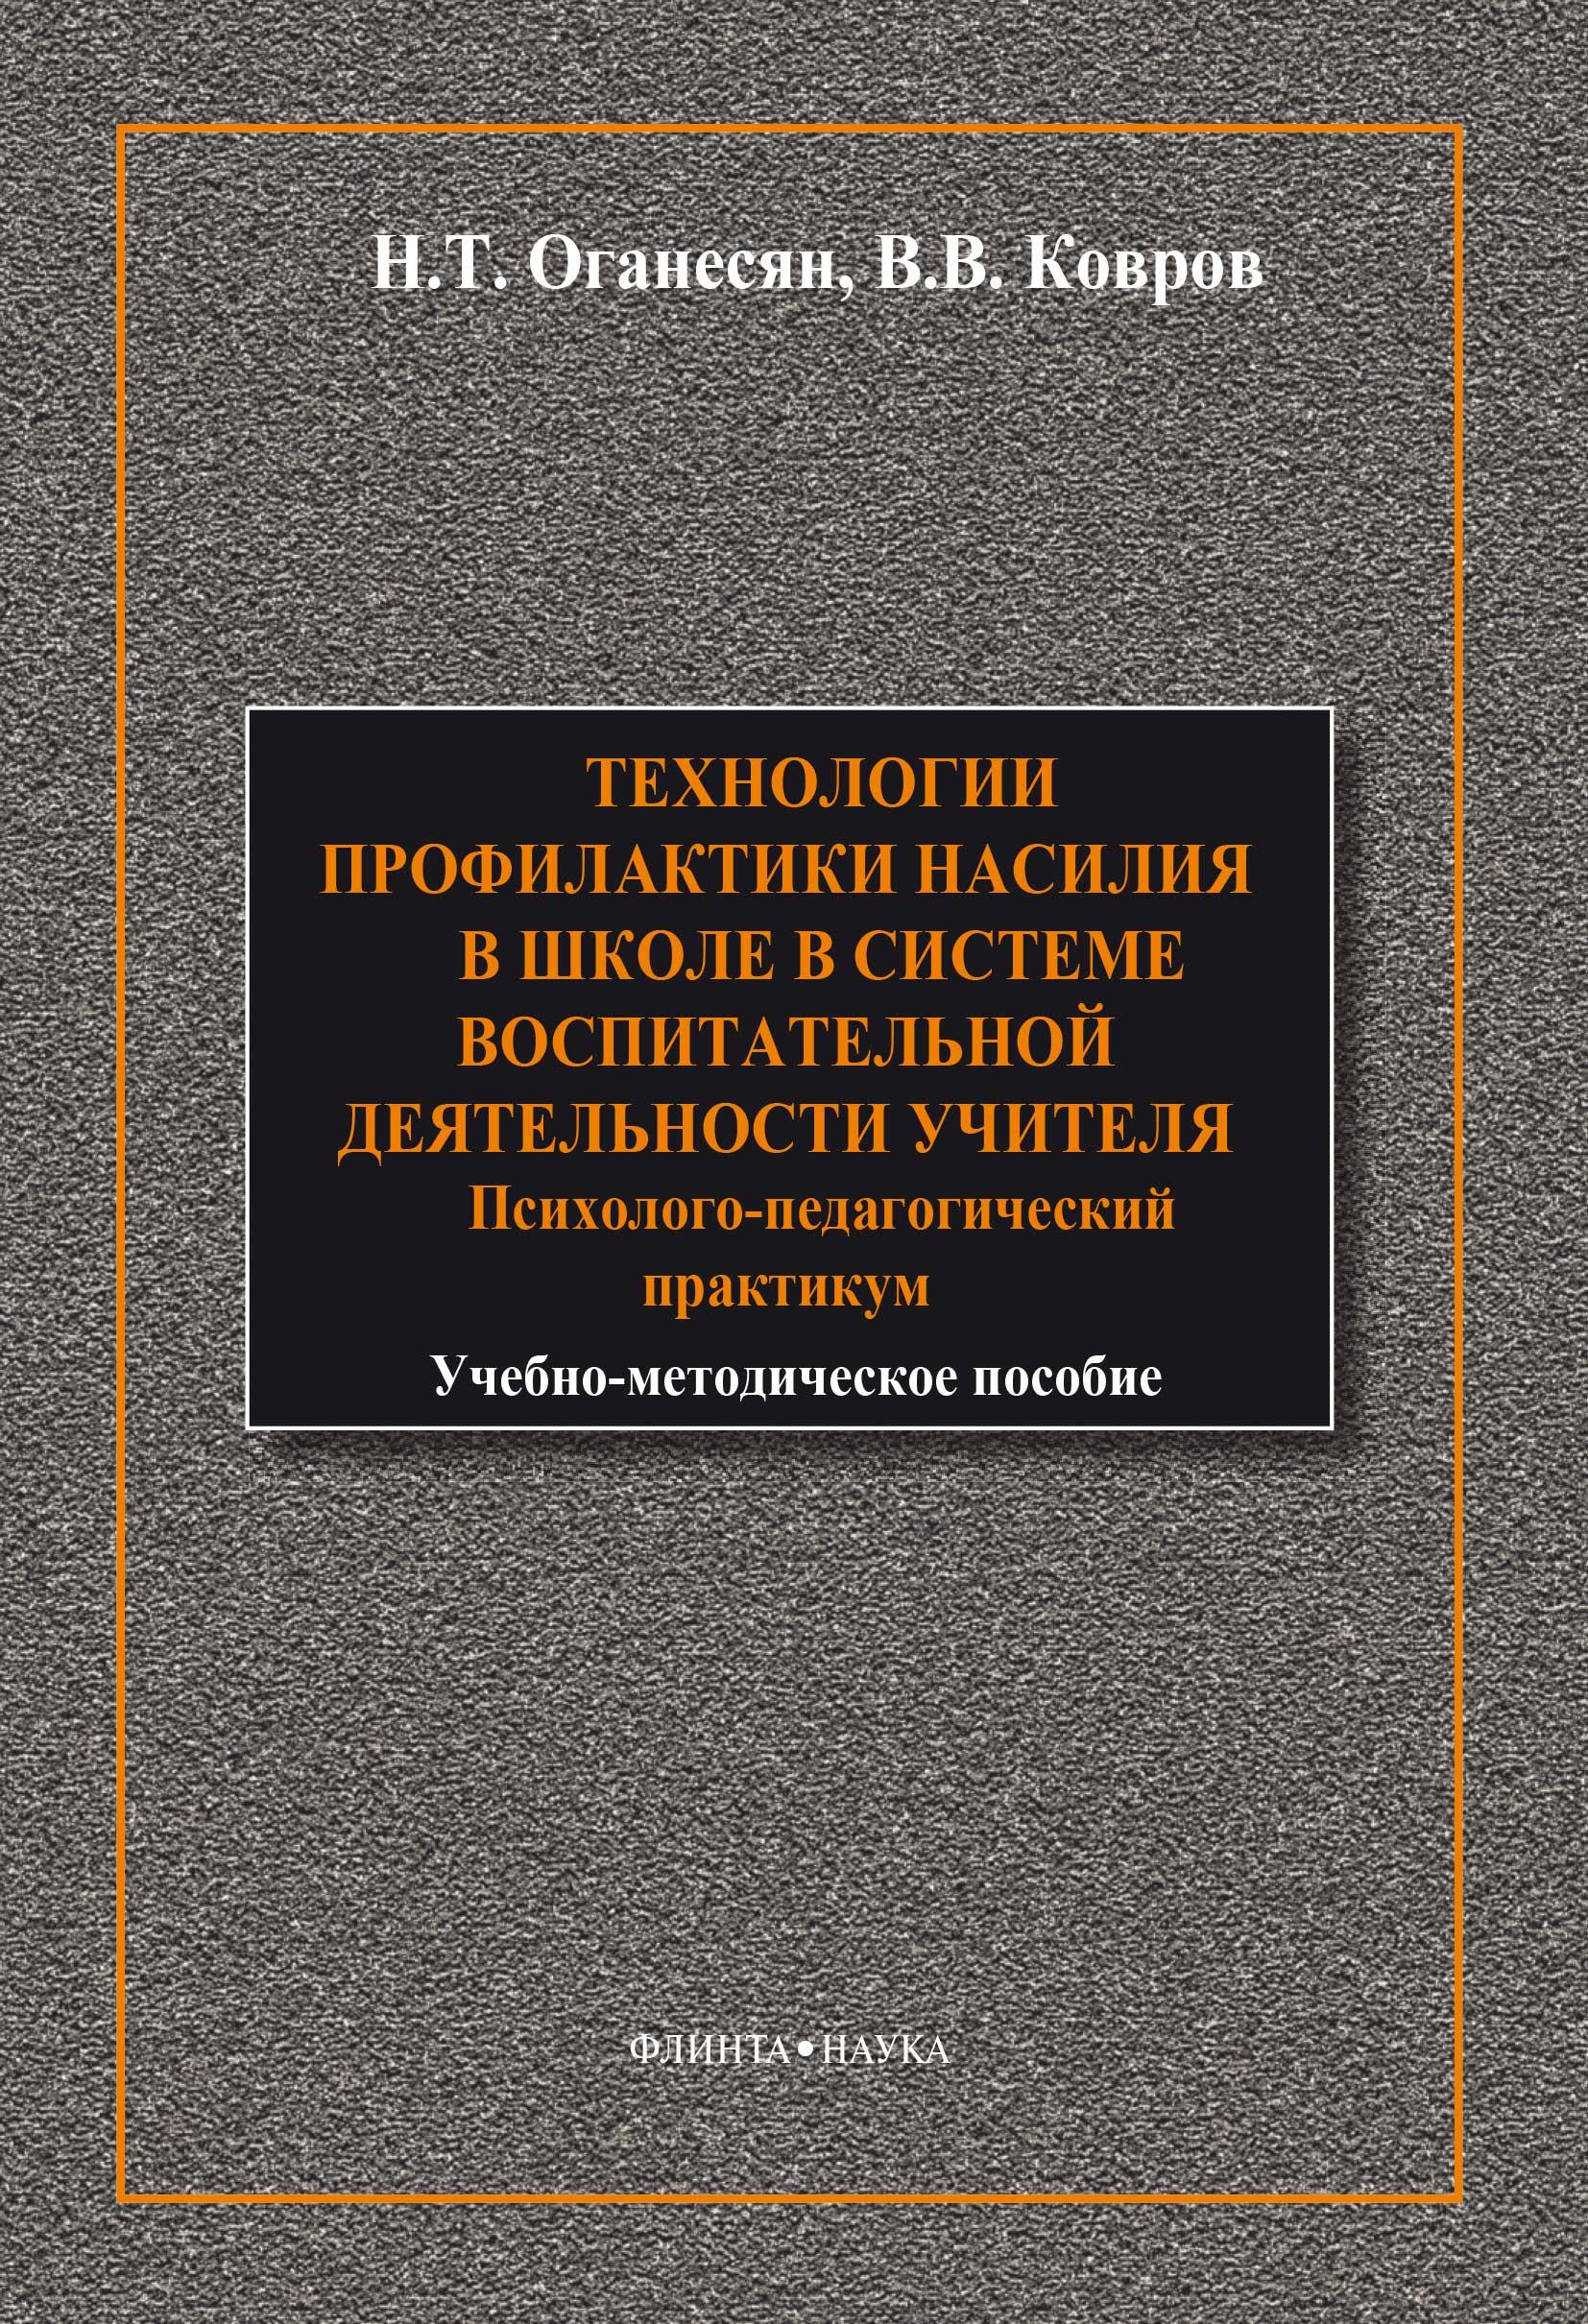 Н. Т. Оганесян Технологии профилактики насилия в школе в системе воспитательной деятельности учителя